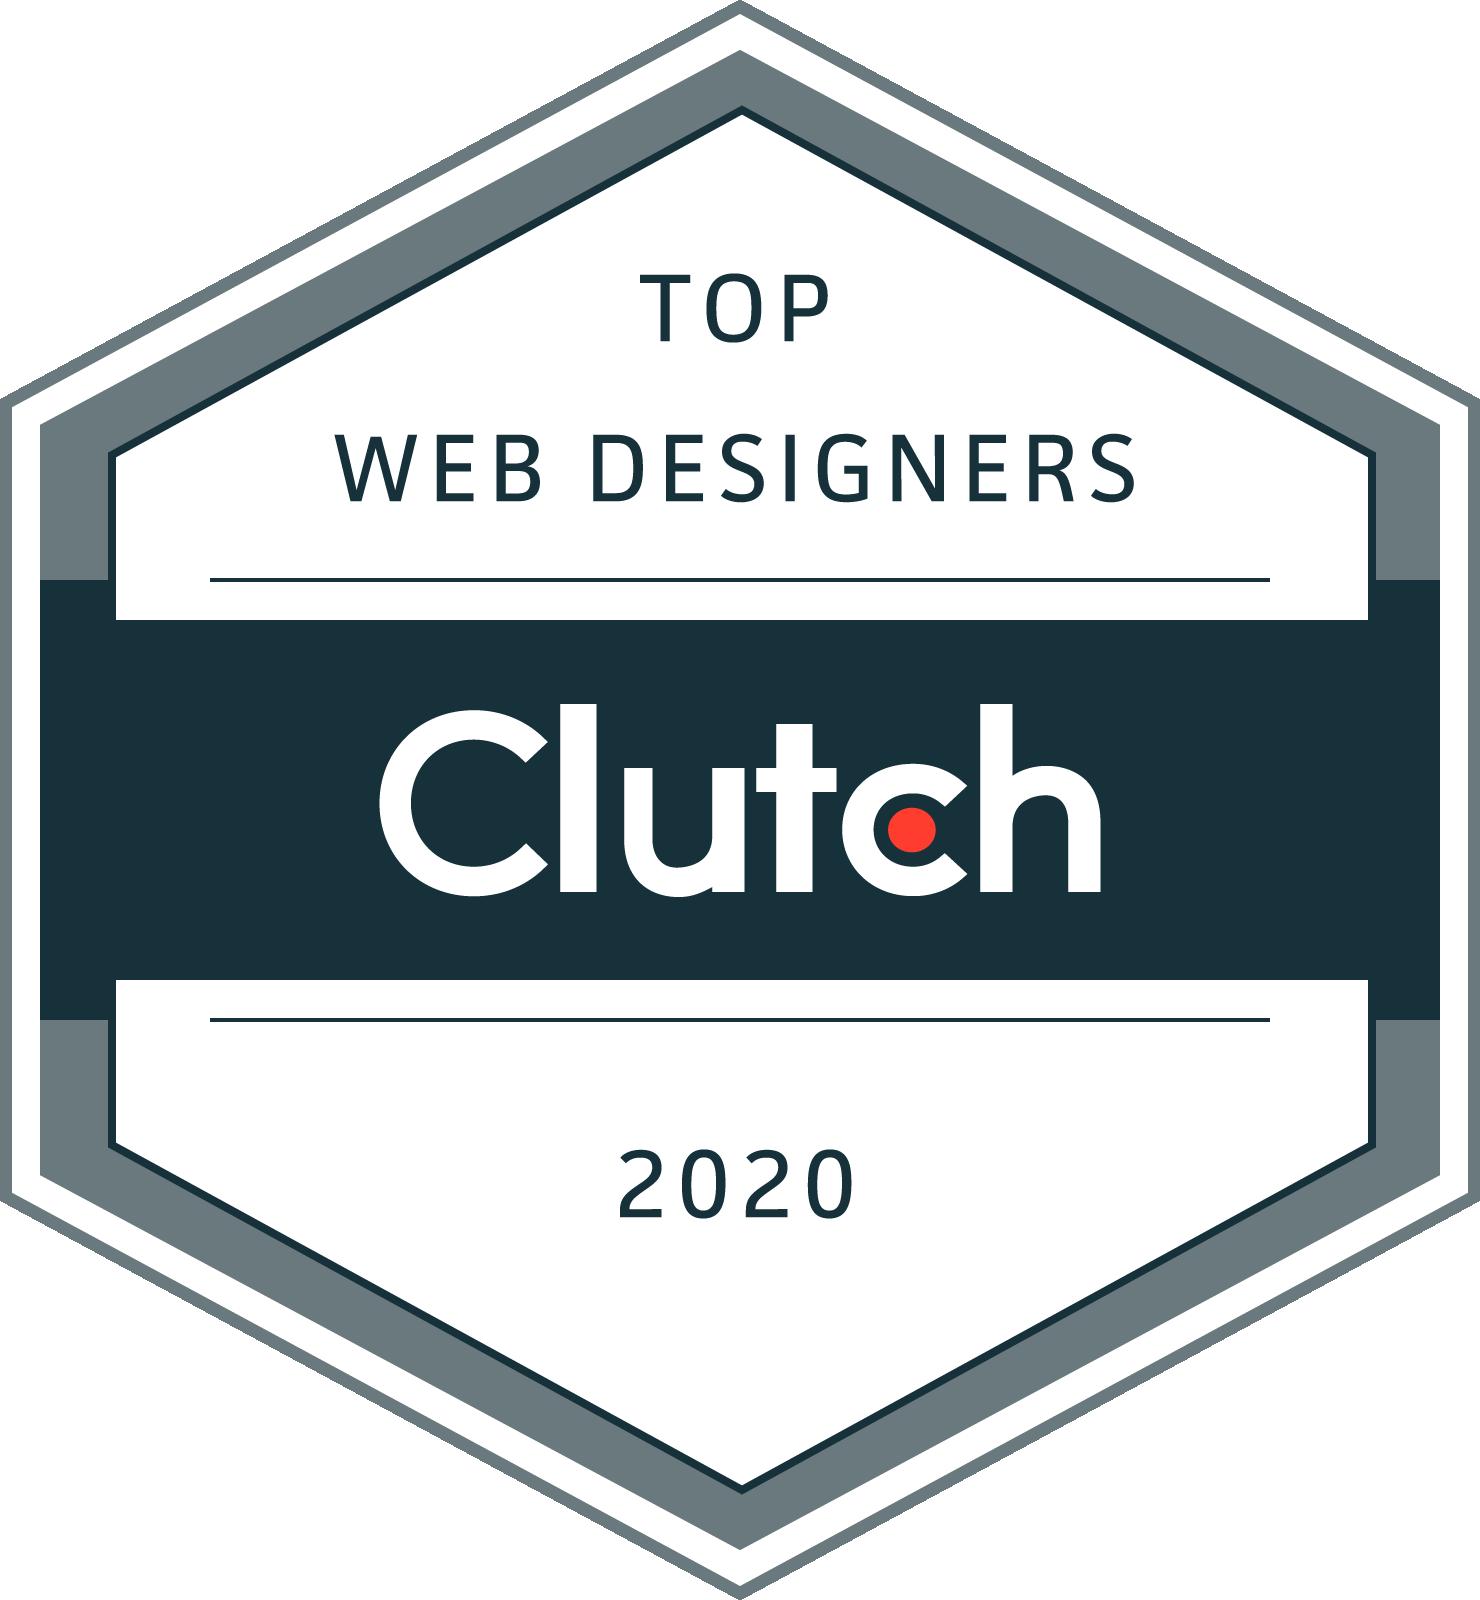 Clutch - Top Web Designers 2020